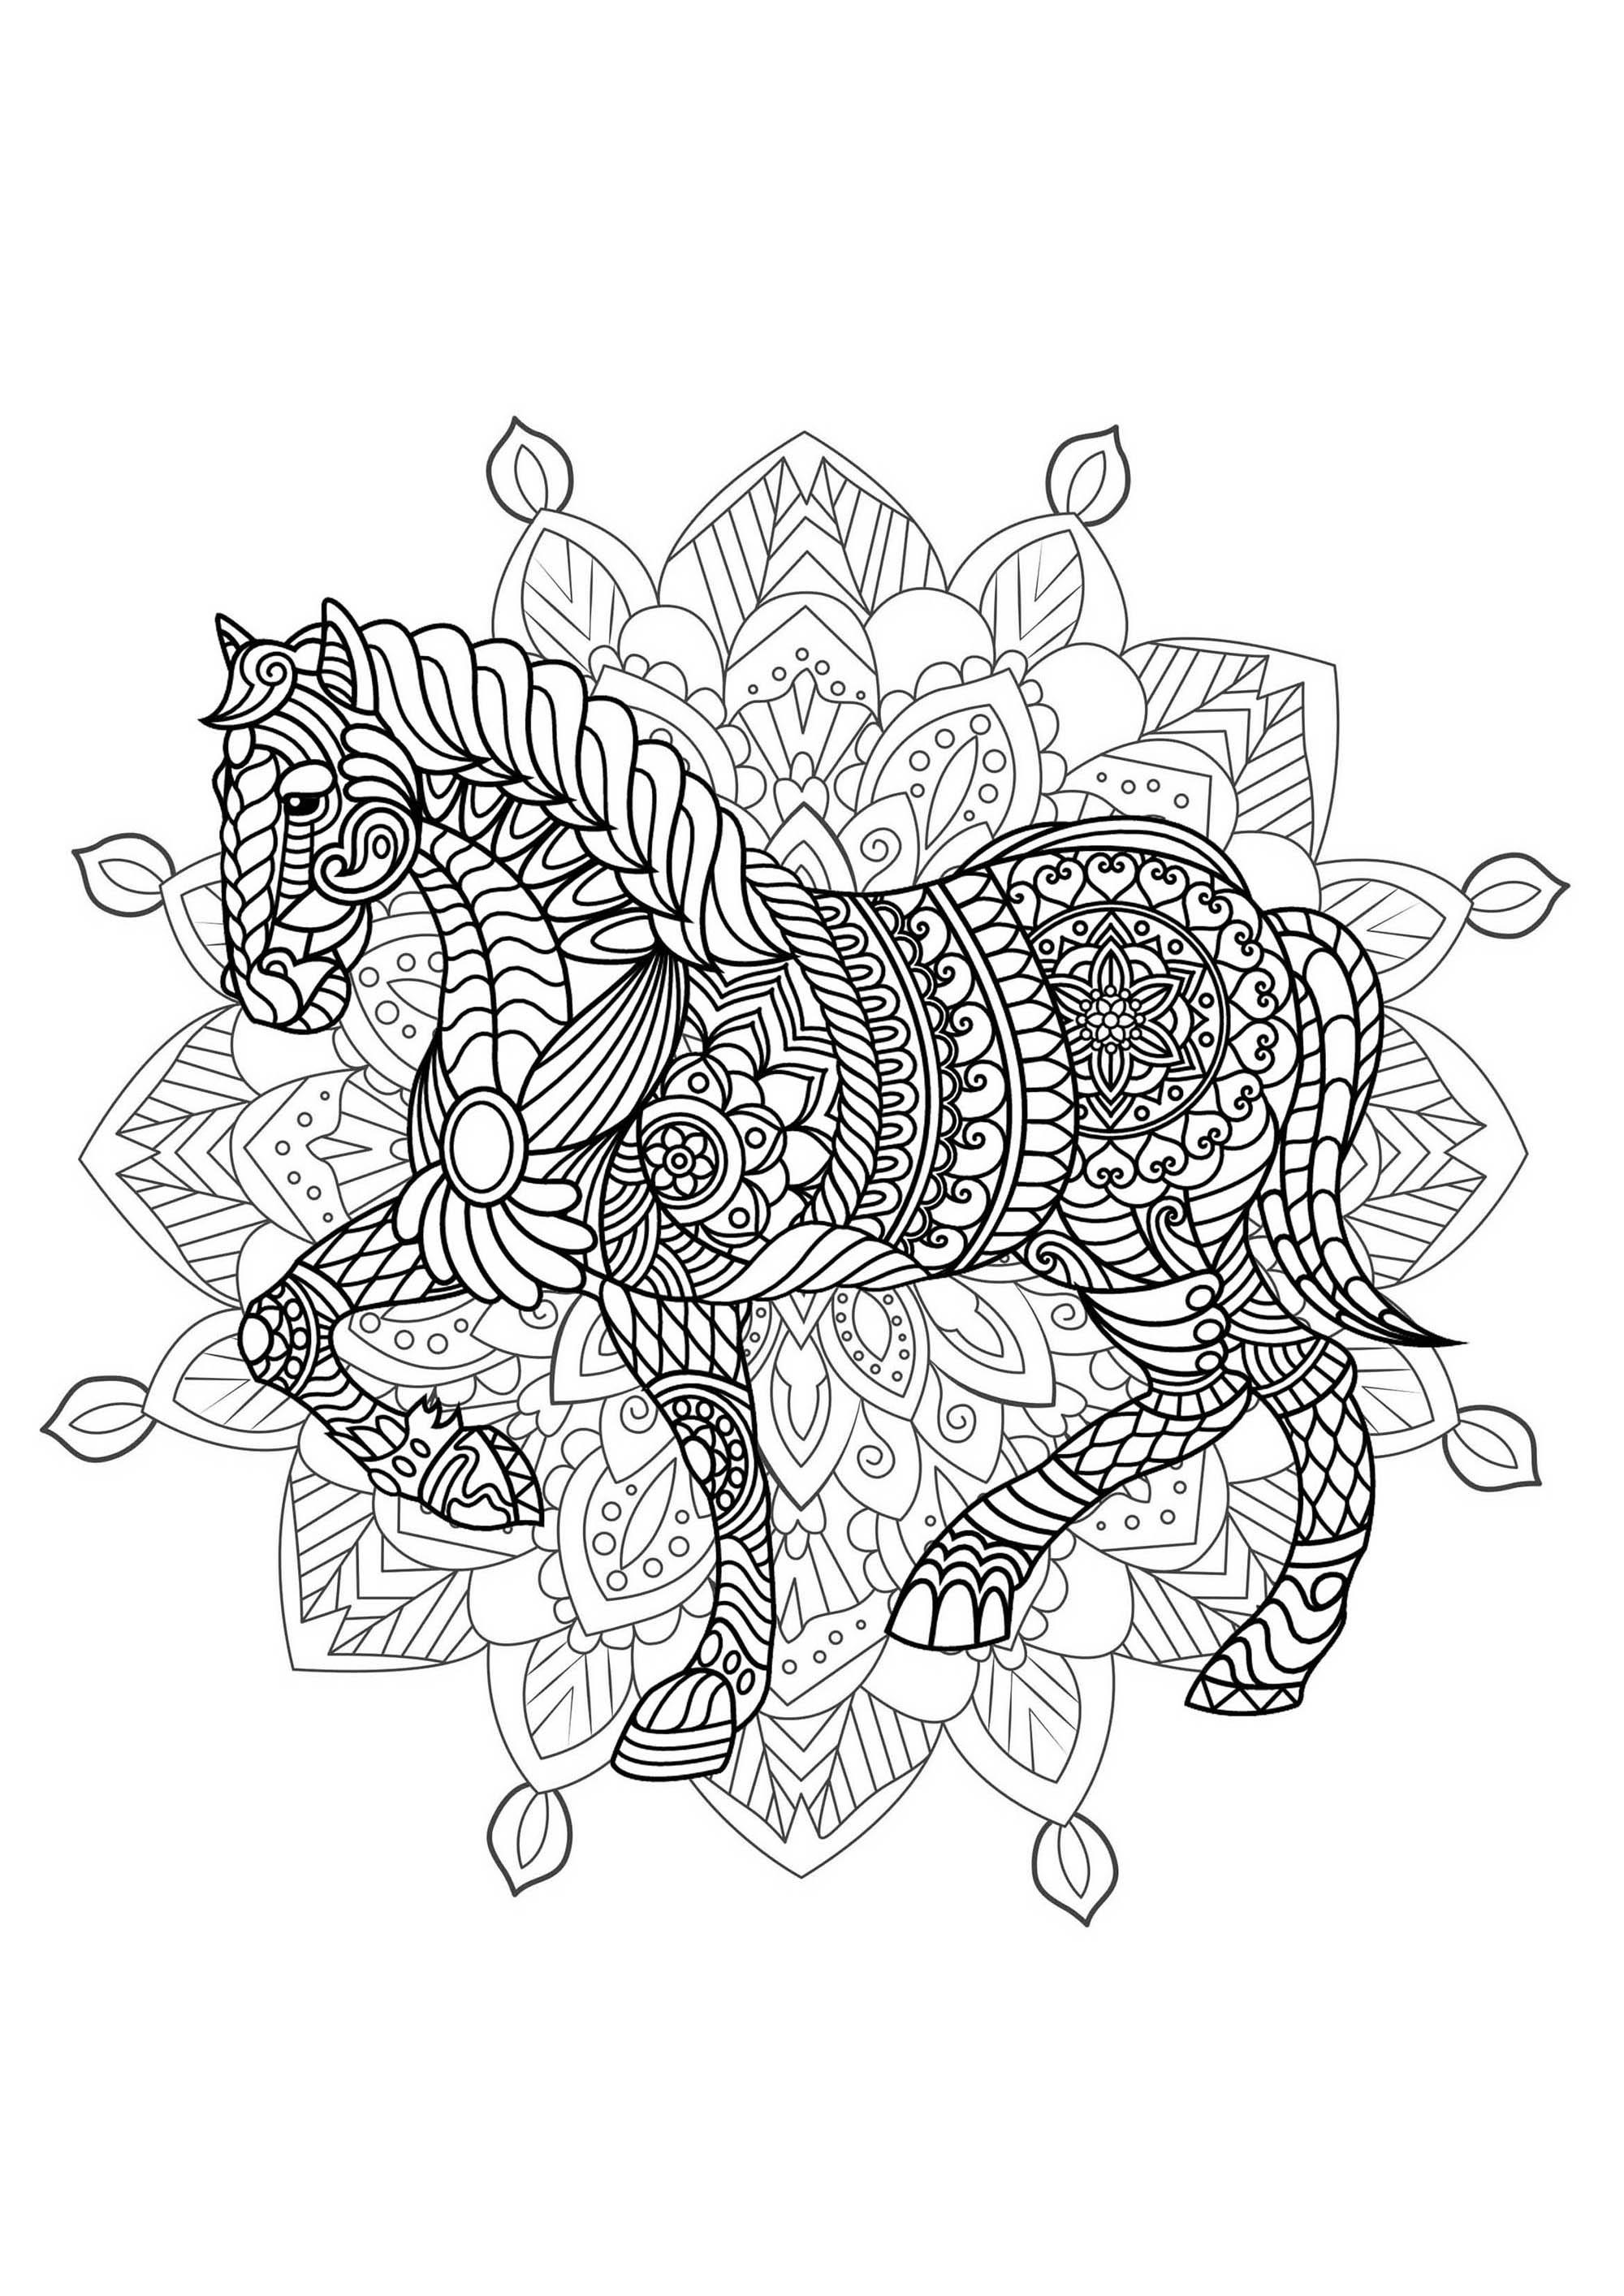 Coloriage Cheval Zen.Mandala Cheval 2 Complexe Mandalas Difficiles Pour